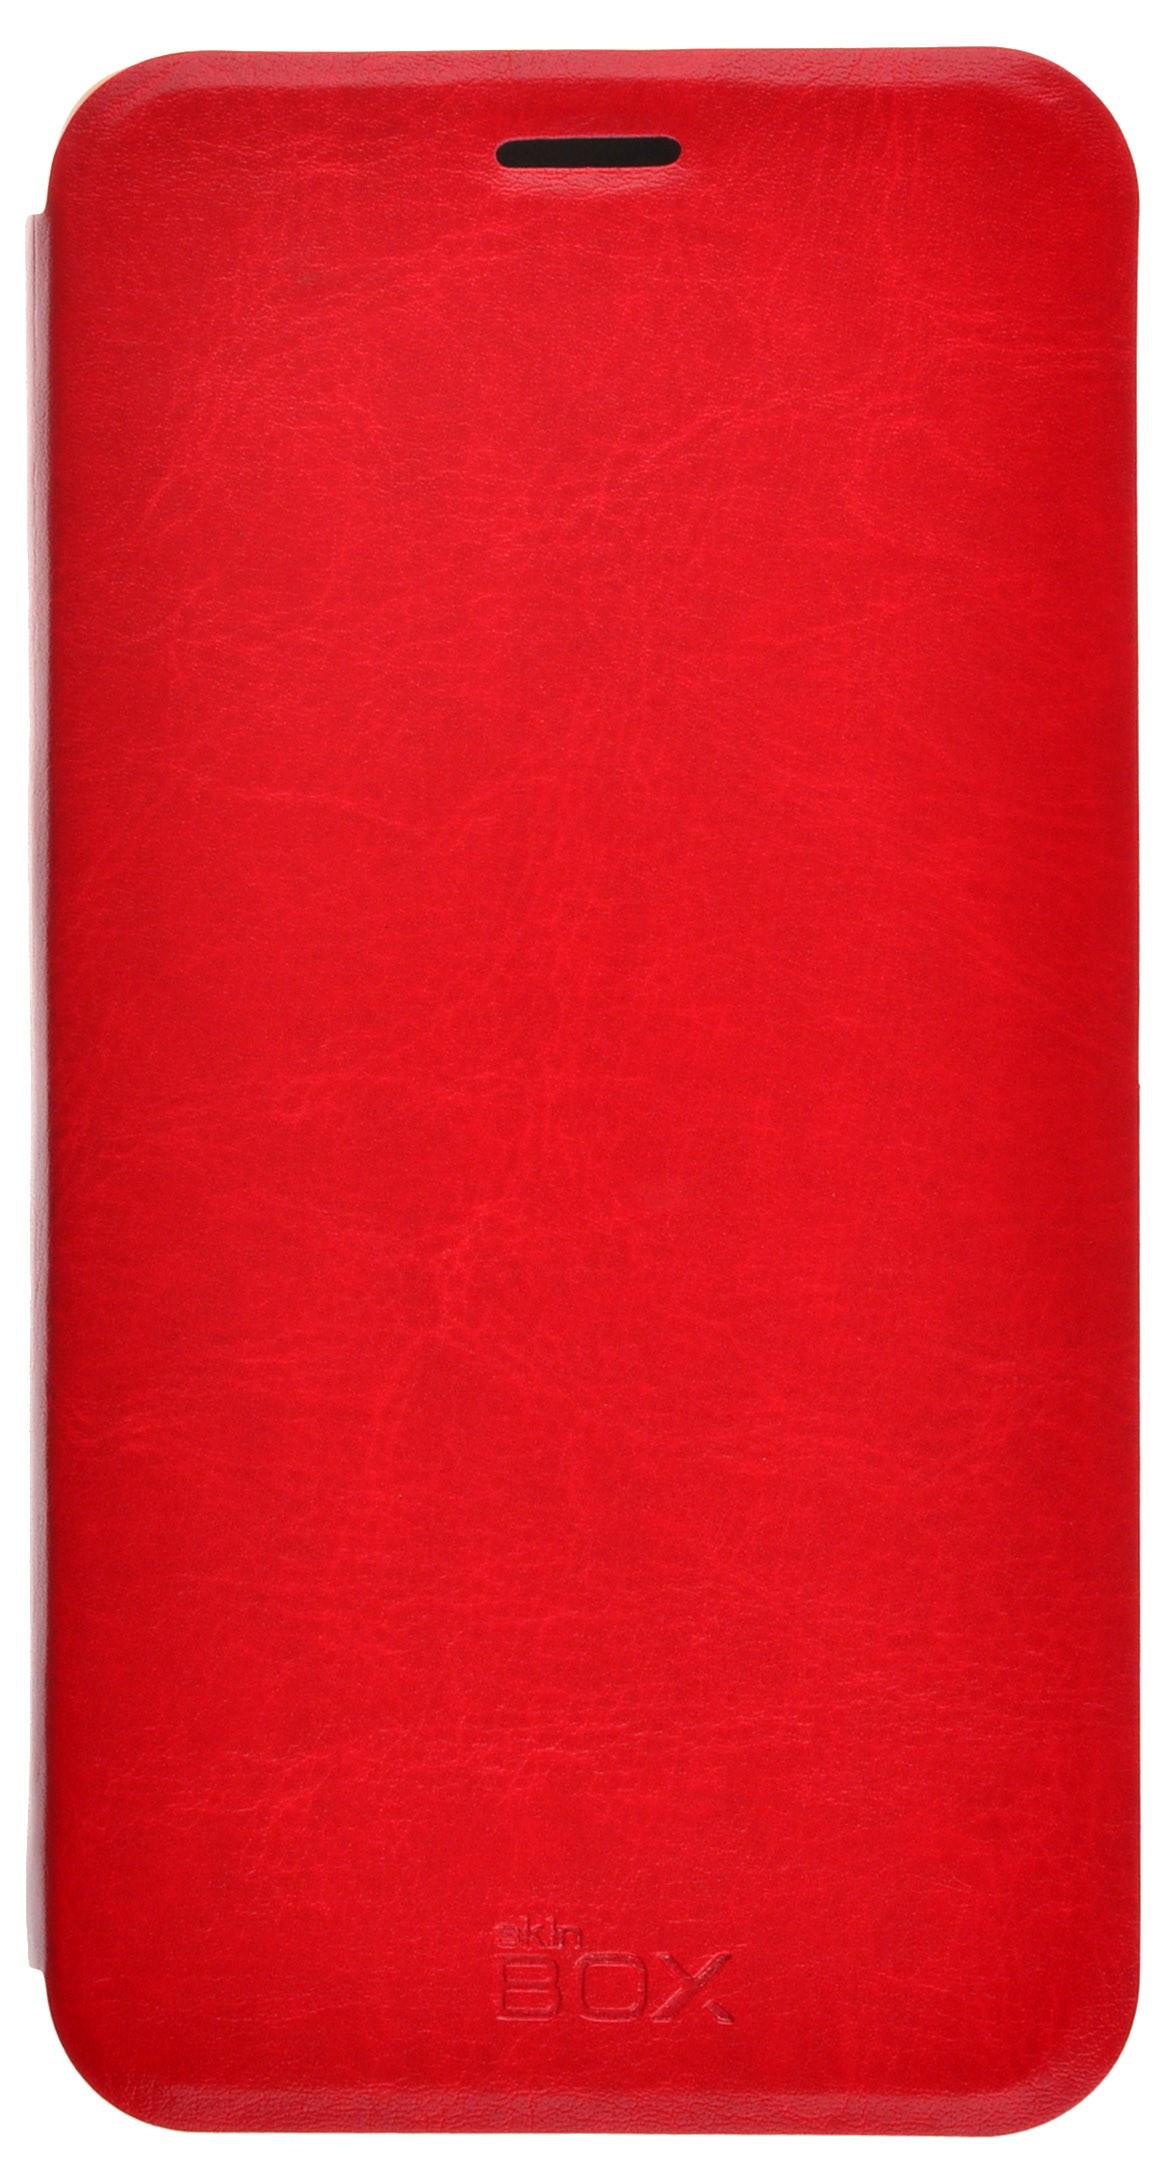 Чехол skinBOX Lux для Asus ZS570KL, 2000000097503, красный цена и фото